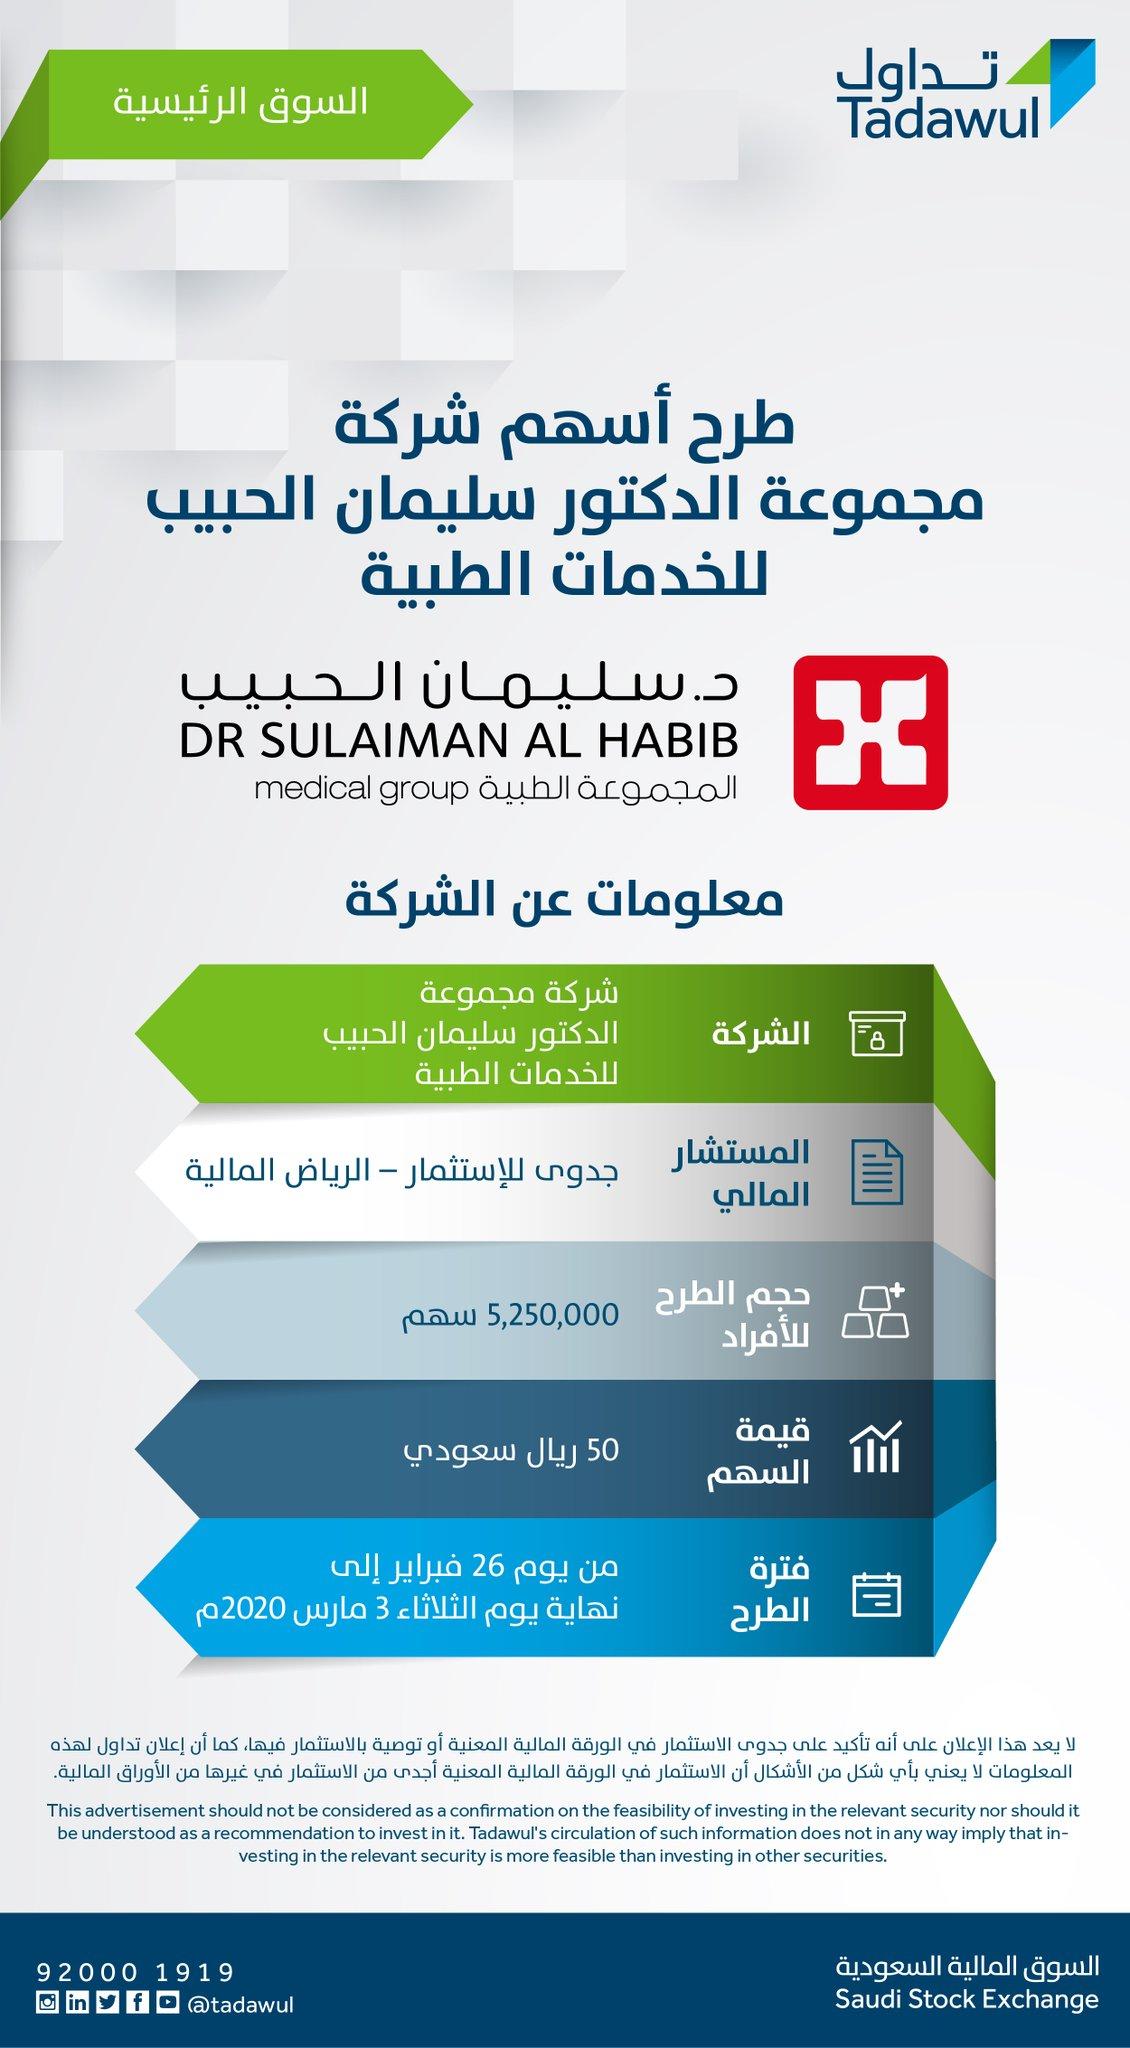 Tadawul تداول No Twitter يبدأ طرح أسهم شركة مجموعة الدكتور سليمان الحبيب للخدمات الطبية يوم الأربعاء 26 فبراير 2020م في السوق الرئيسية للاطلاع على نشرة الإصدار Https T Co Wipeer4tmm Https T Co Tkcw6ciprp